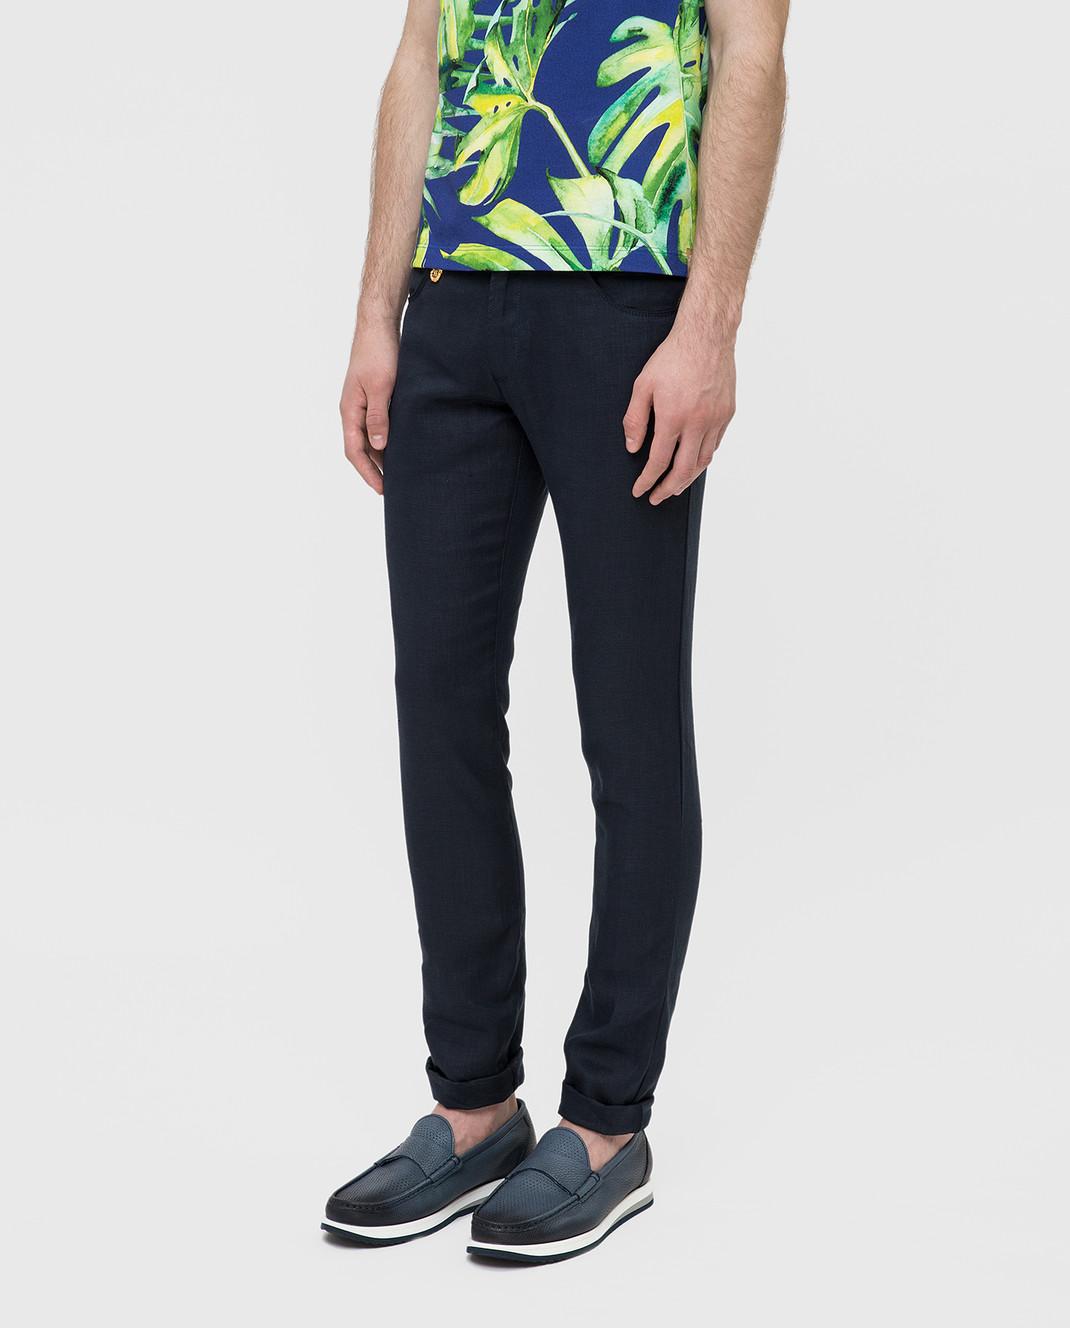 Billionaire Темно-синие брюки из льна MRT0546 изображение 3